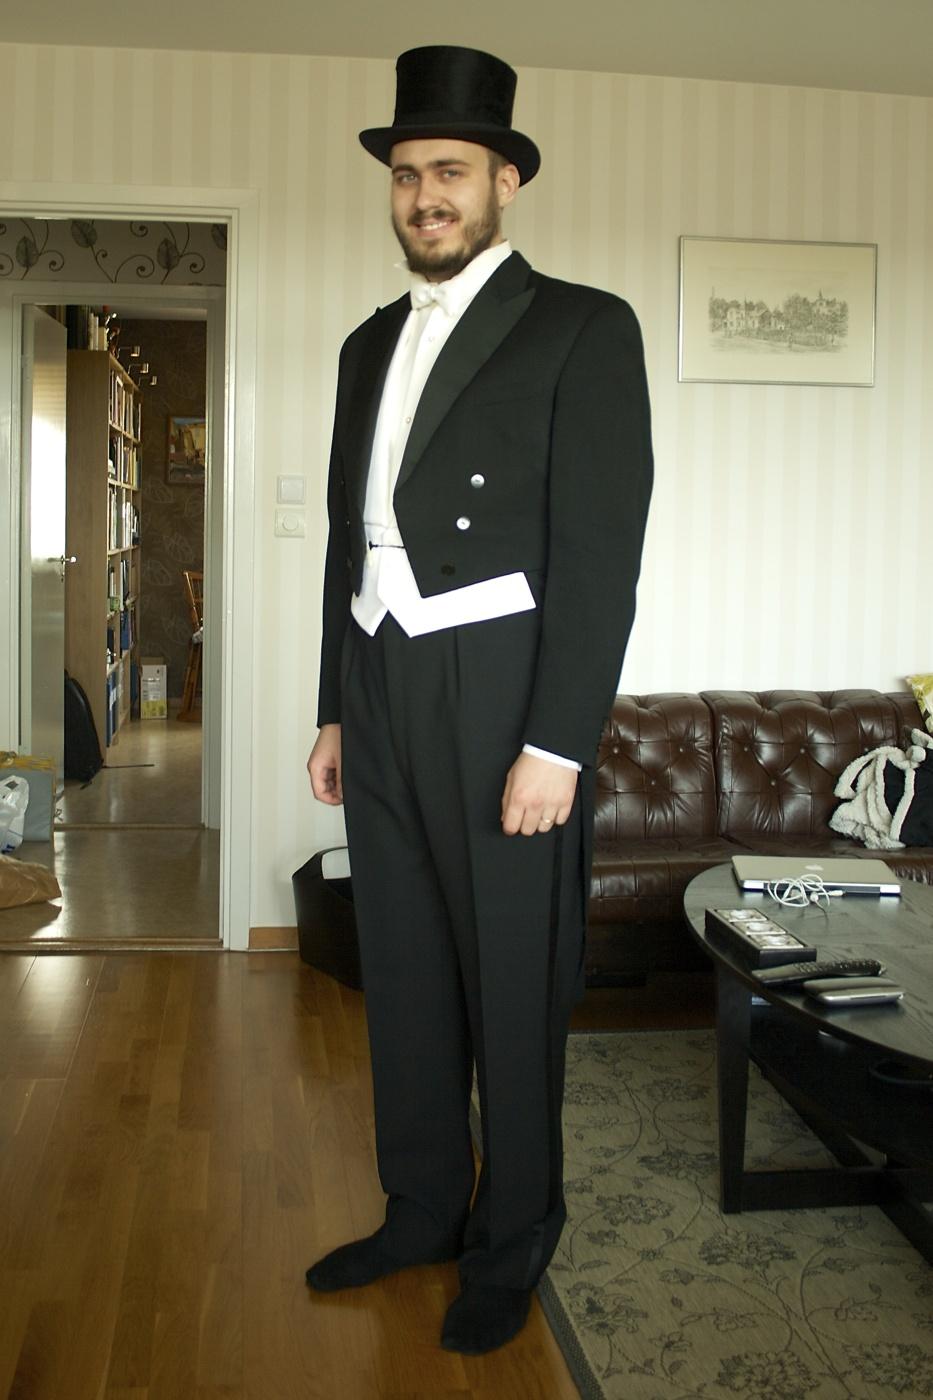 hyra kostym stockholm 874e459812224